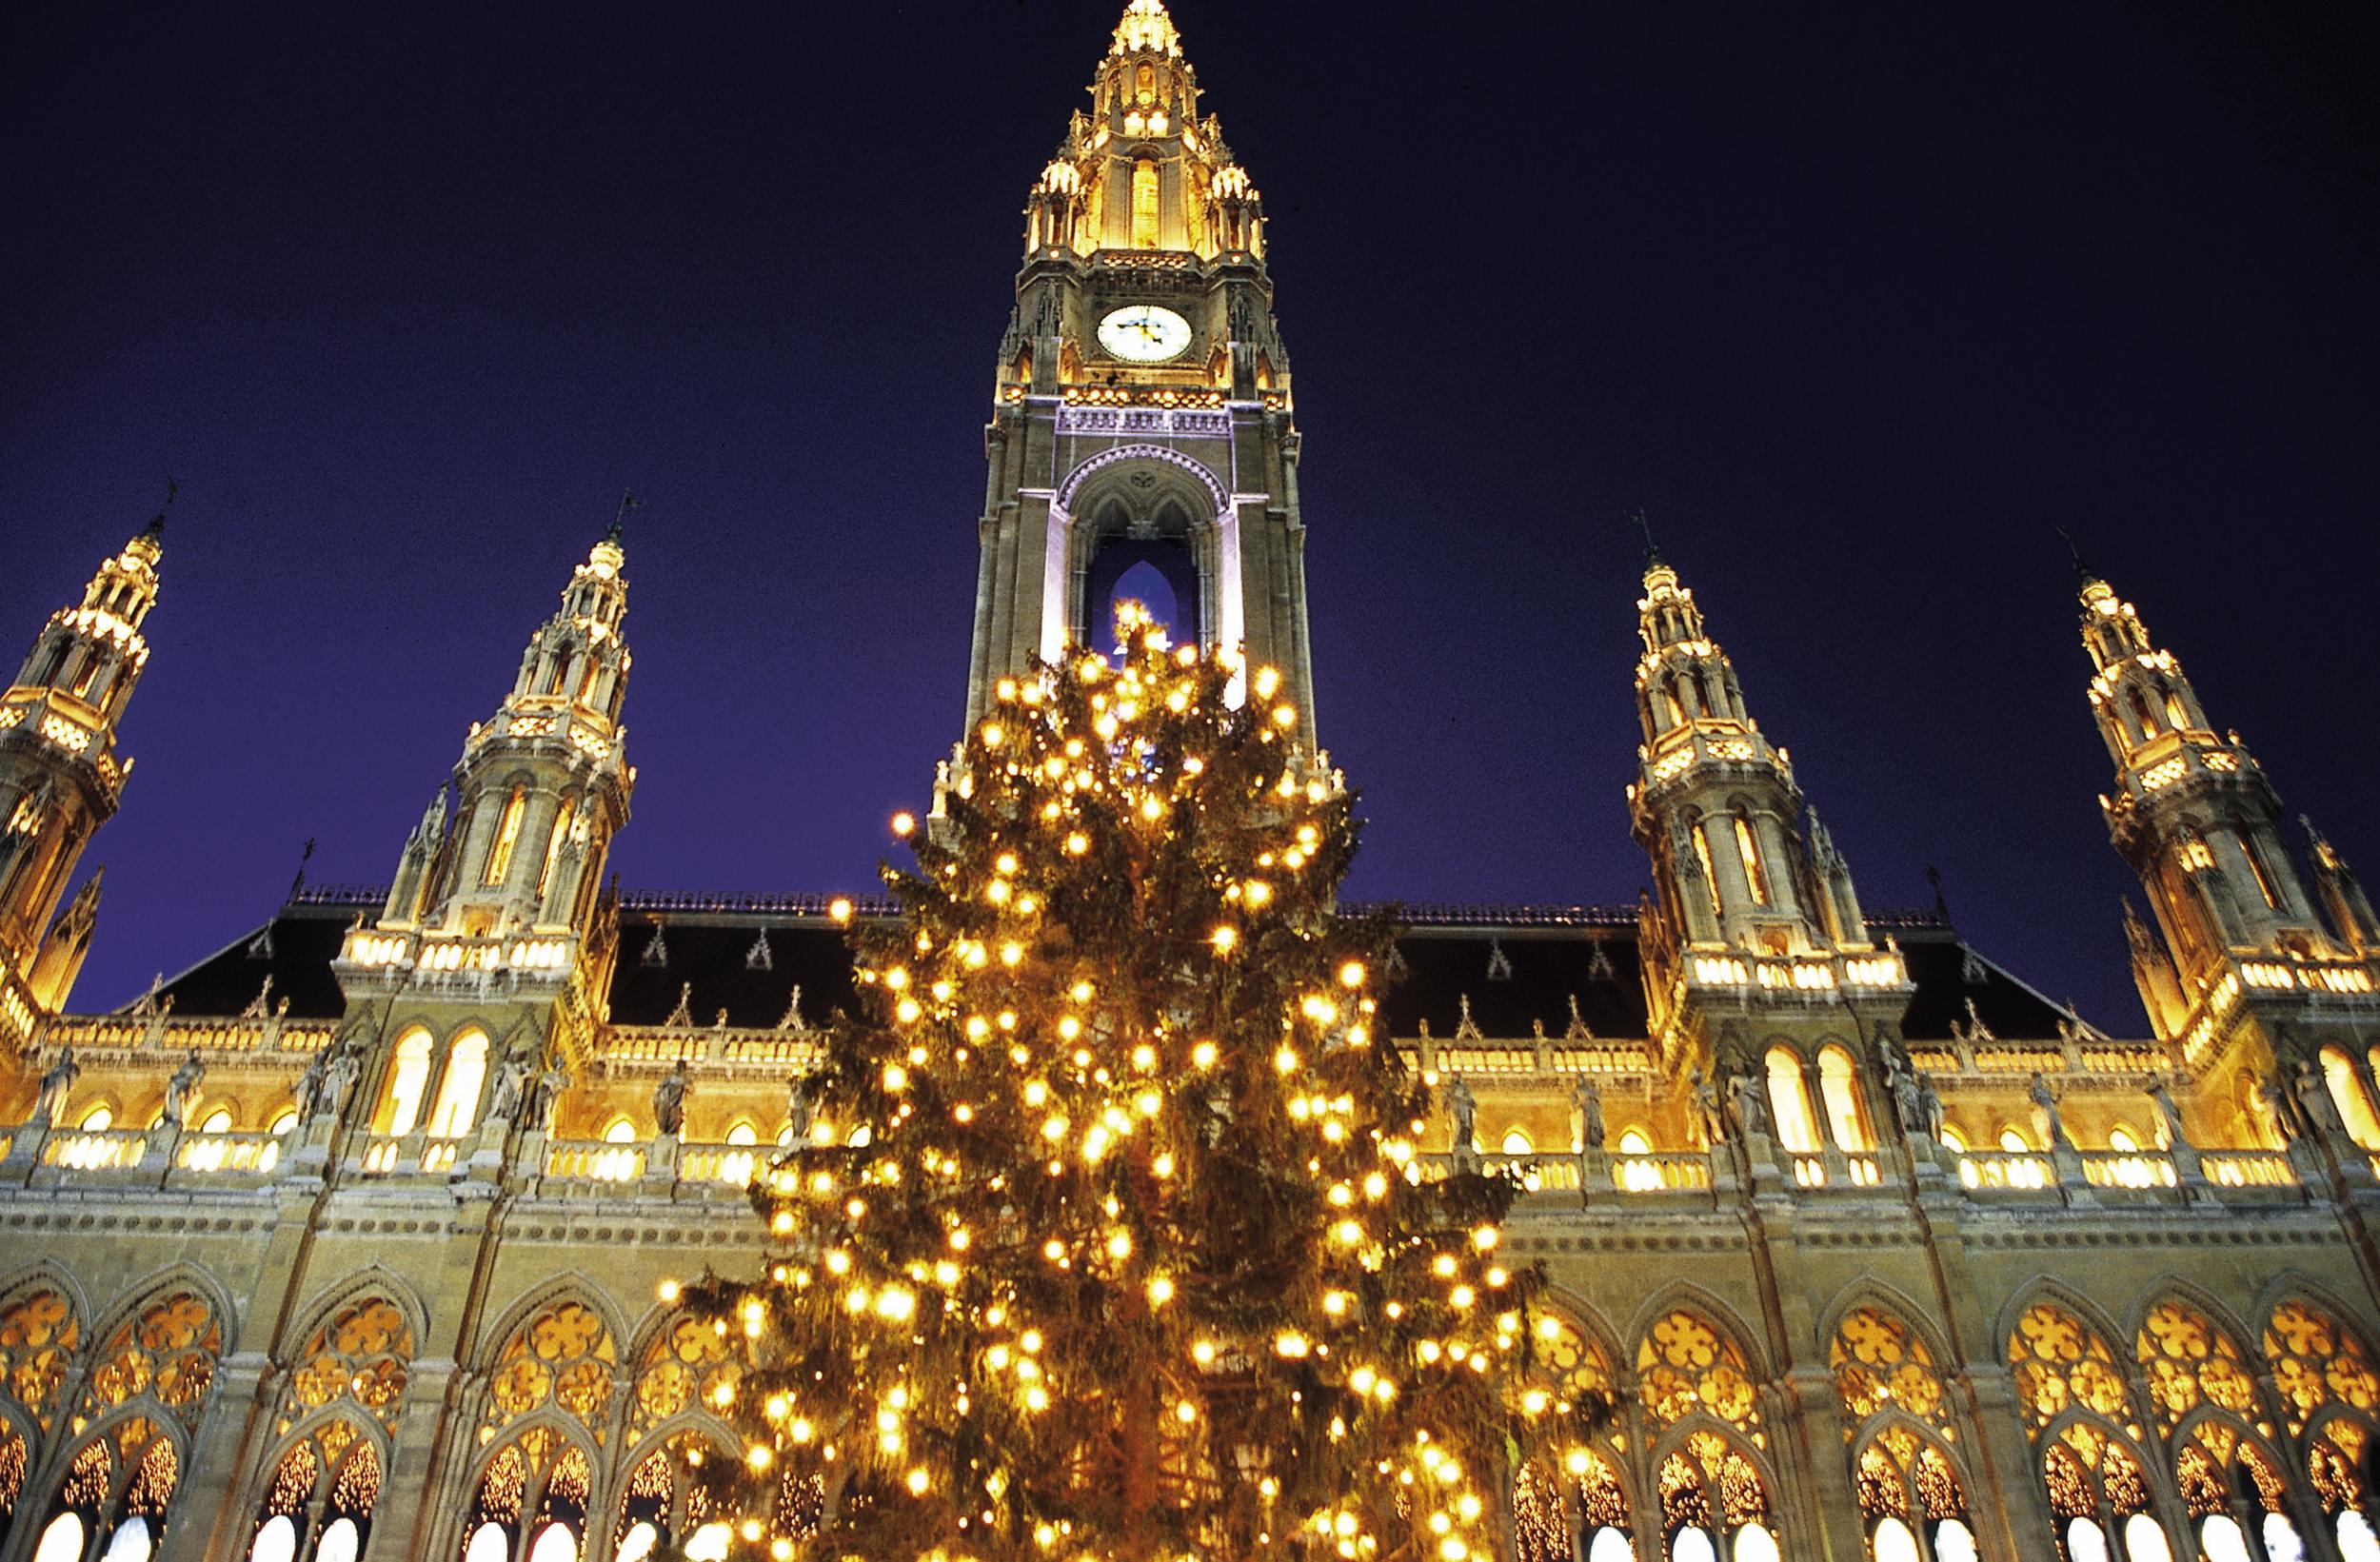 Christkindlmarkt, Rathausplatz, Vienna  ©WienTourismus/Claudio Alessandri